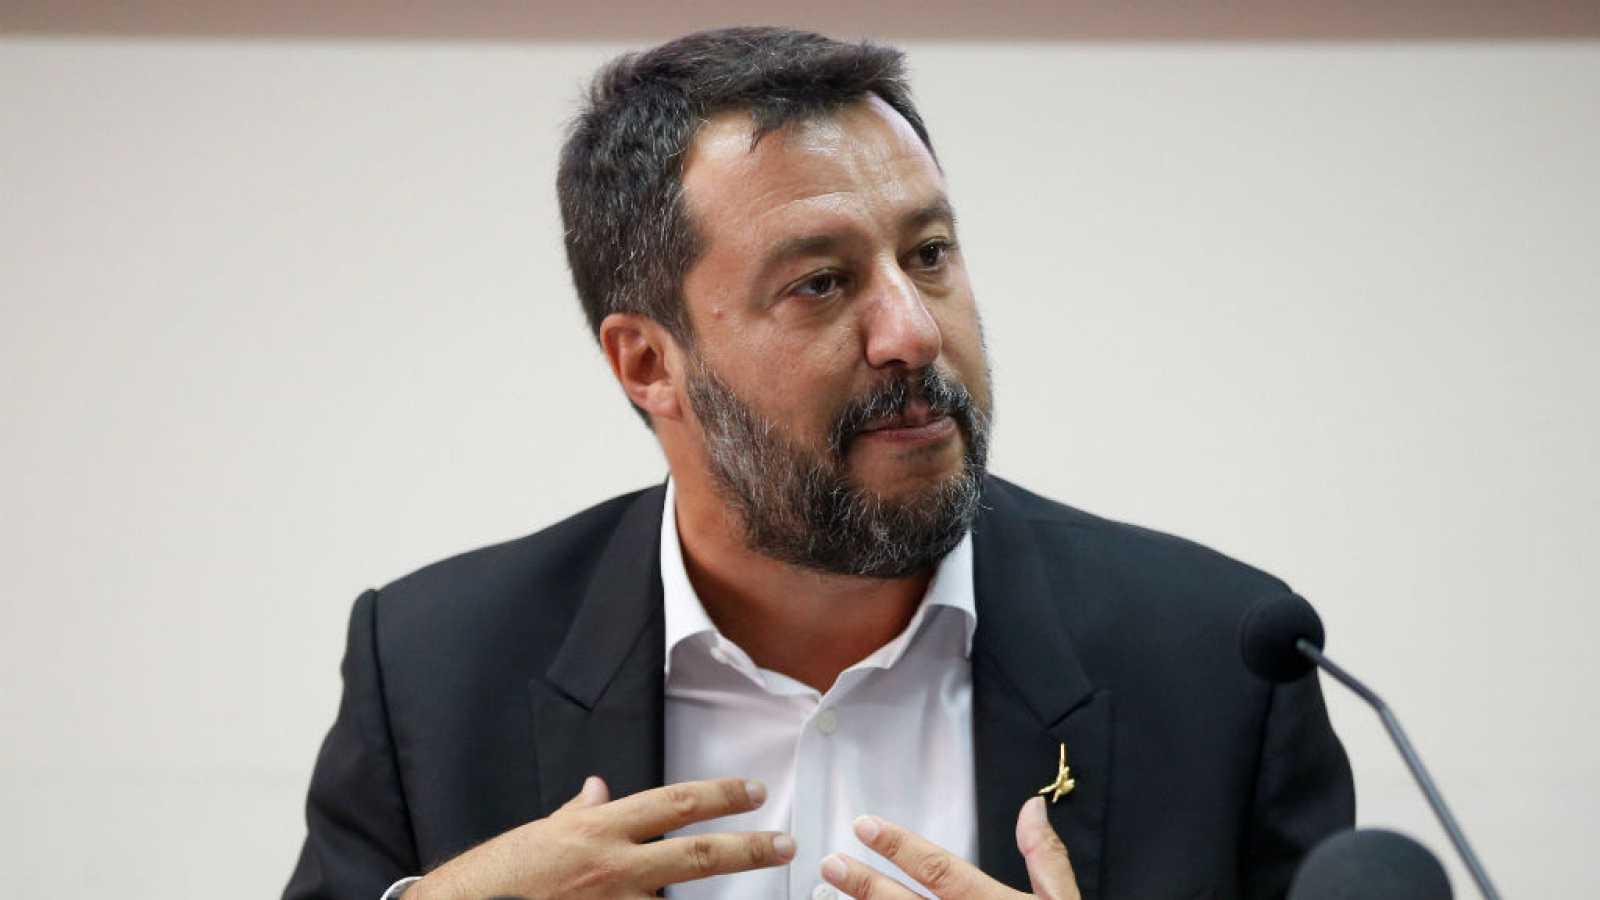 """Salvini, tras renunciar a la inmunidad: """"Quiero ir a juicio para contar al mundo que estas políticas salvaron decenas de miles de vidas"""""""